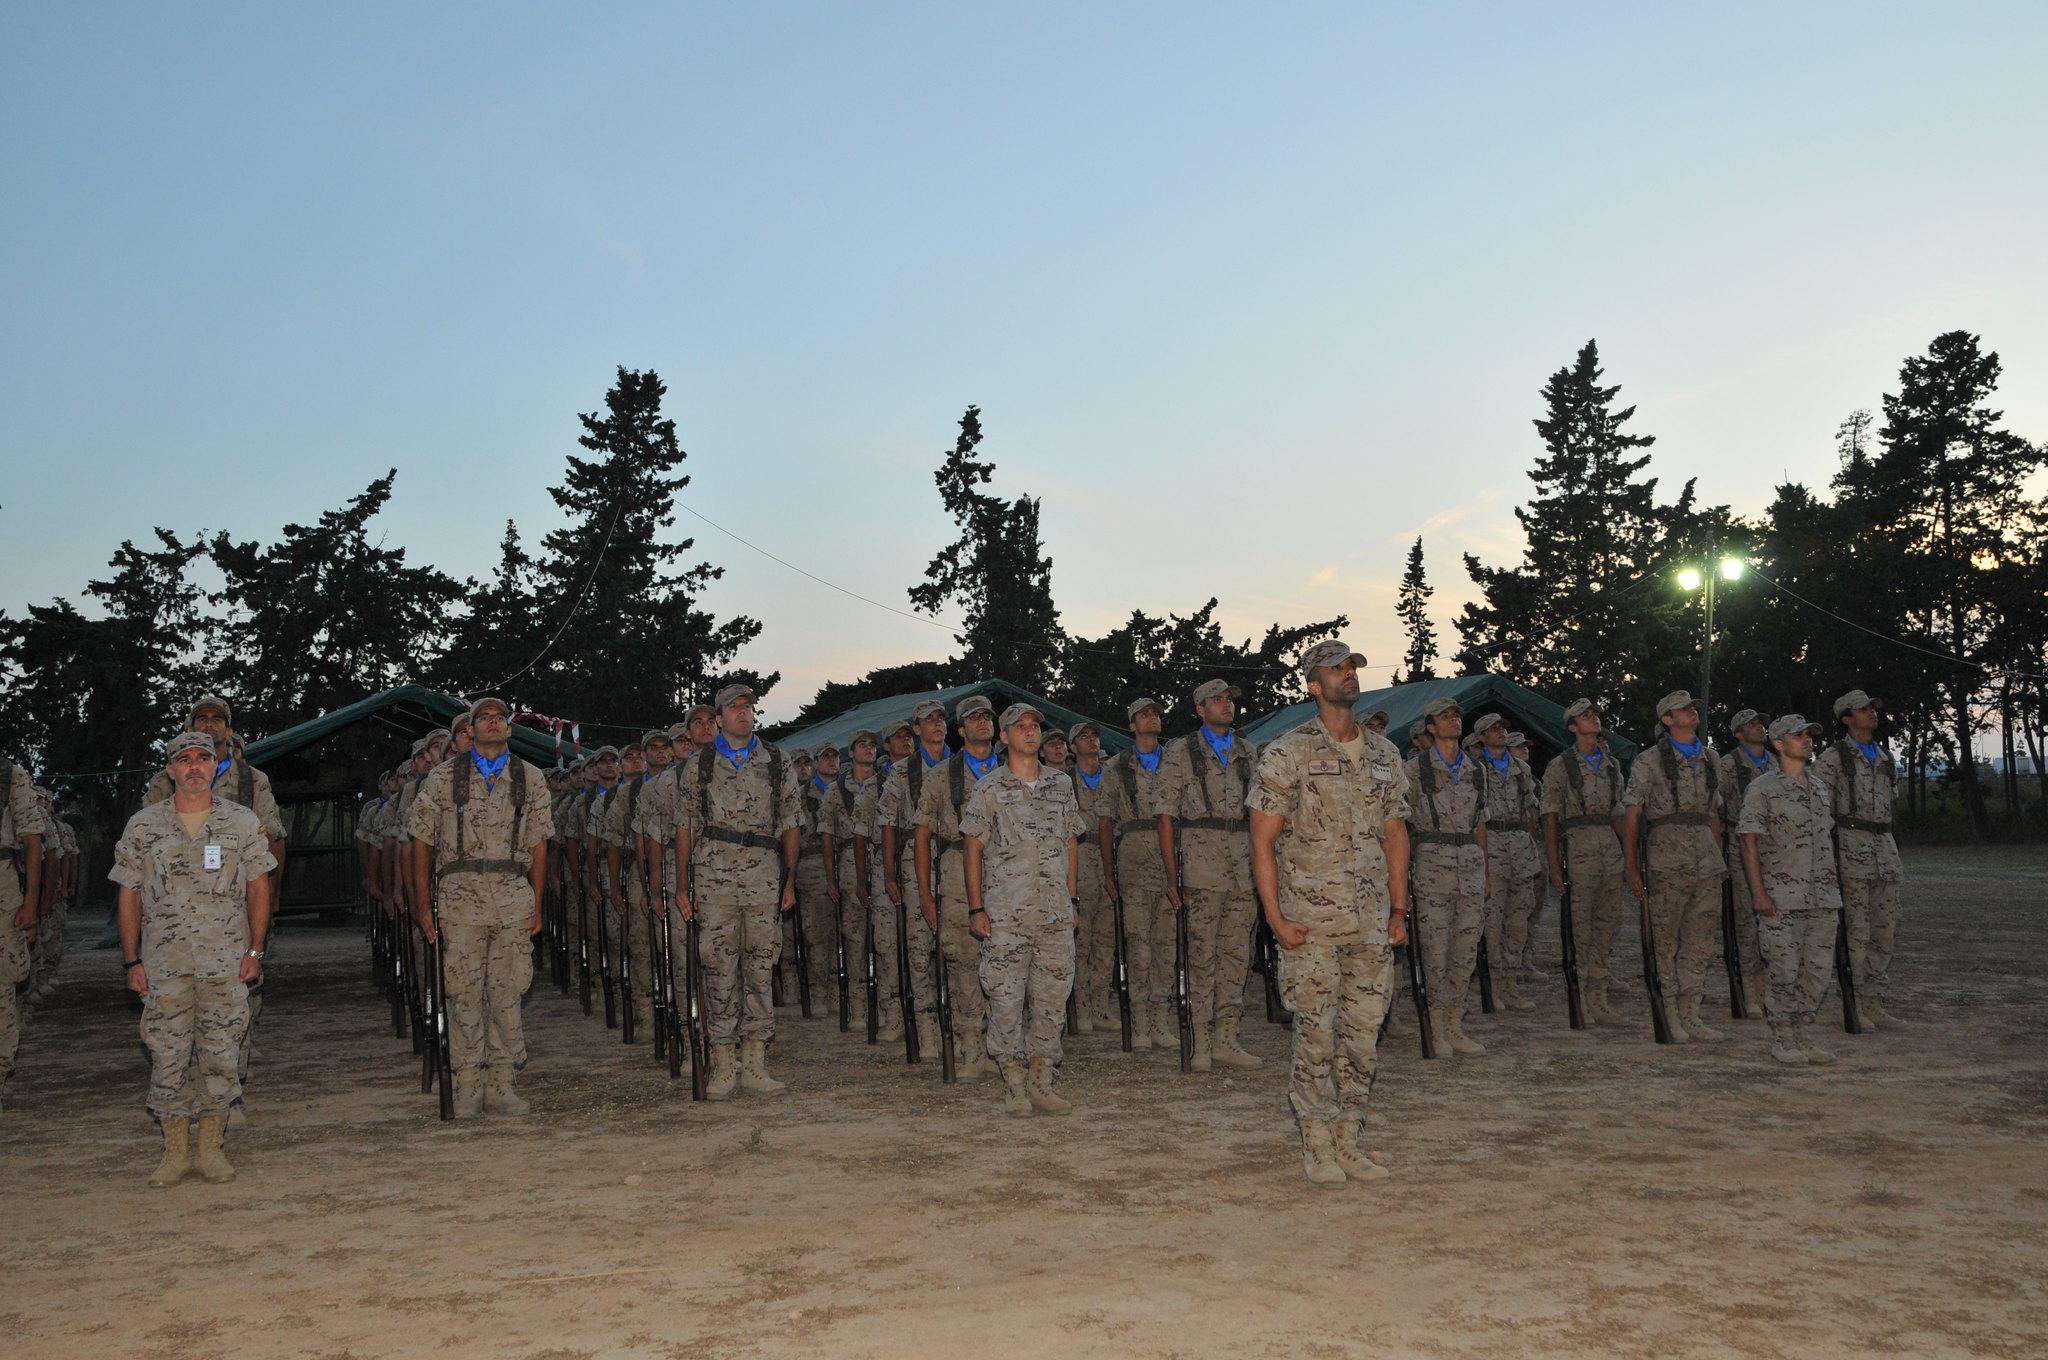 Los alumnos de nuevo ingreso finalizan su fase de formación militar básica en la AGA